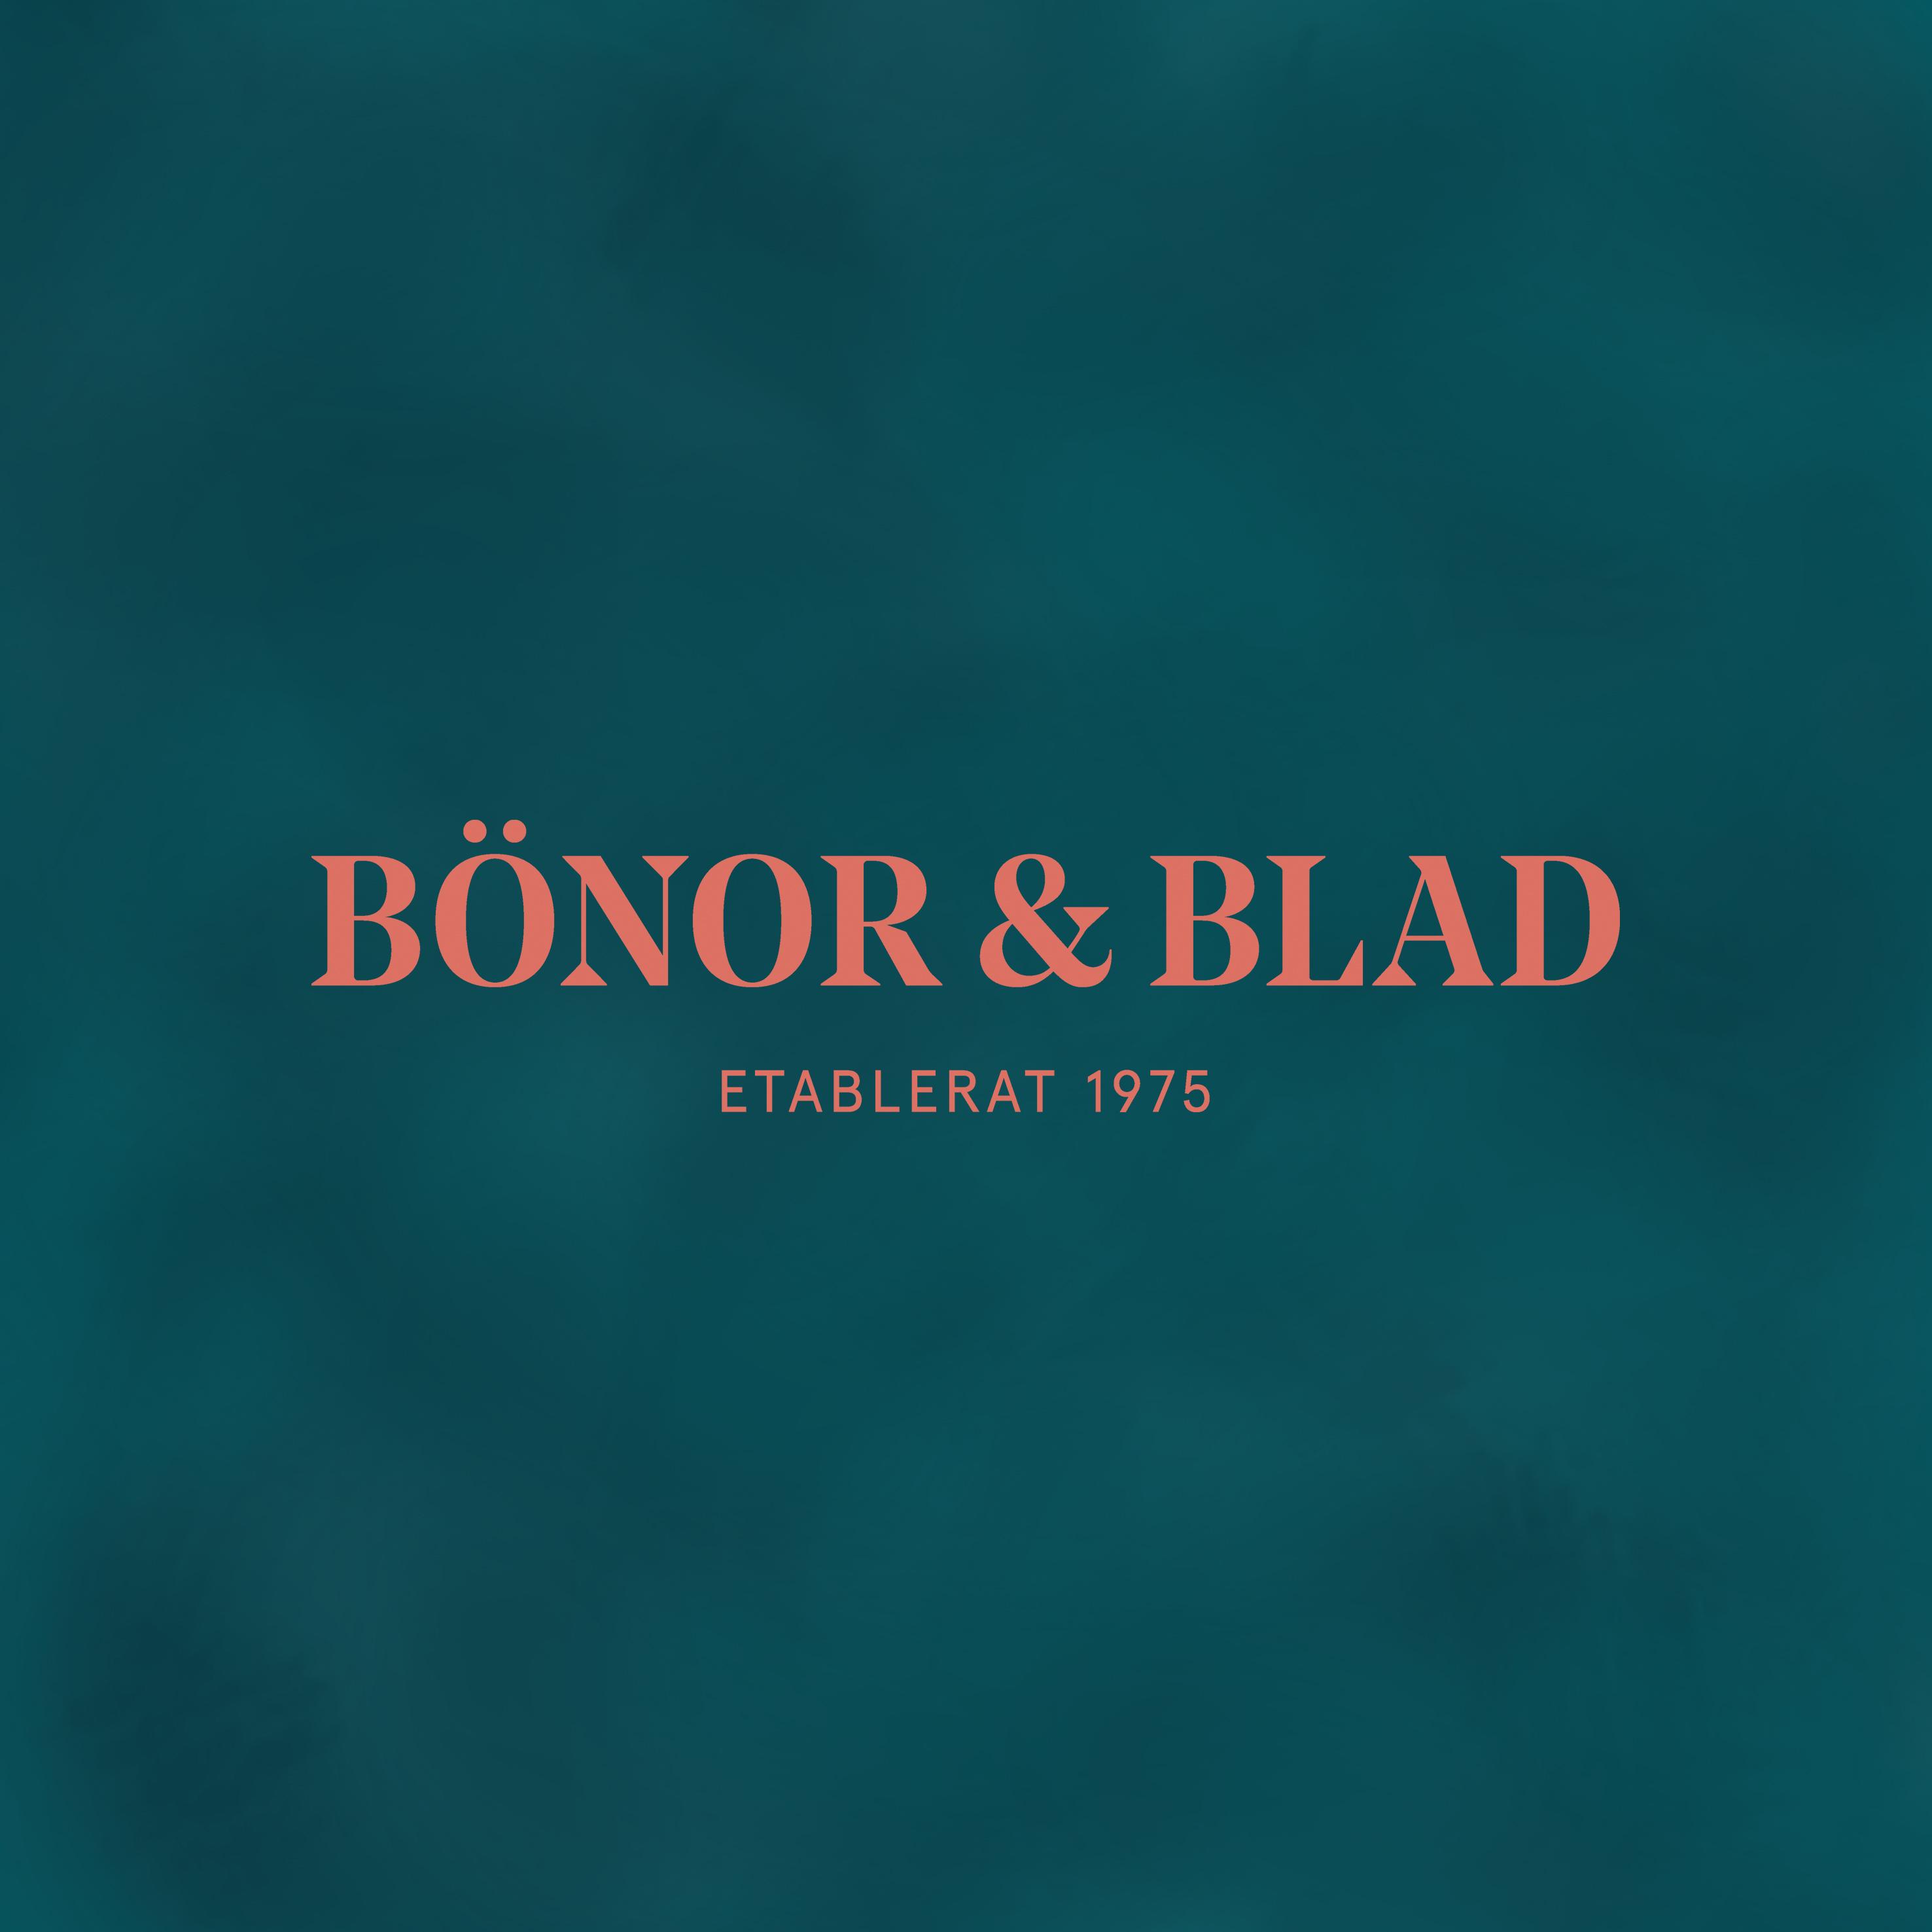 Bönor & Blad